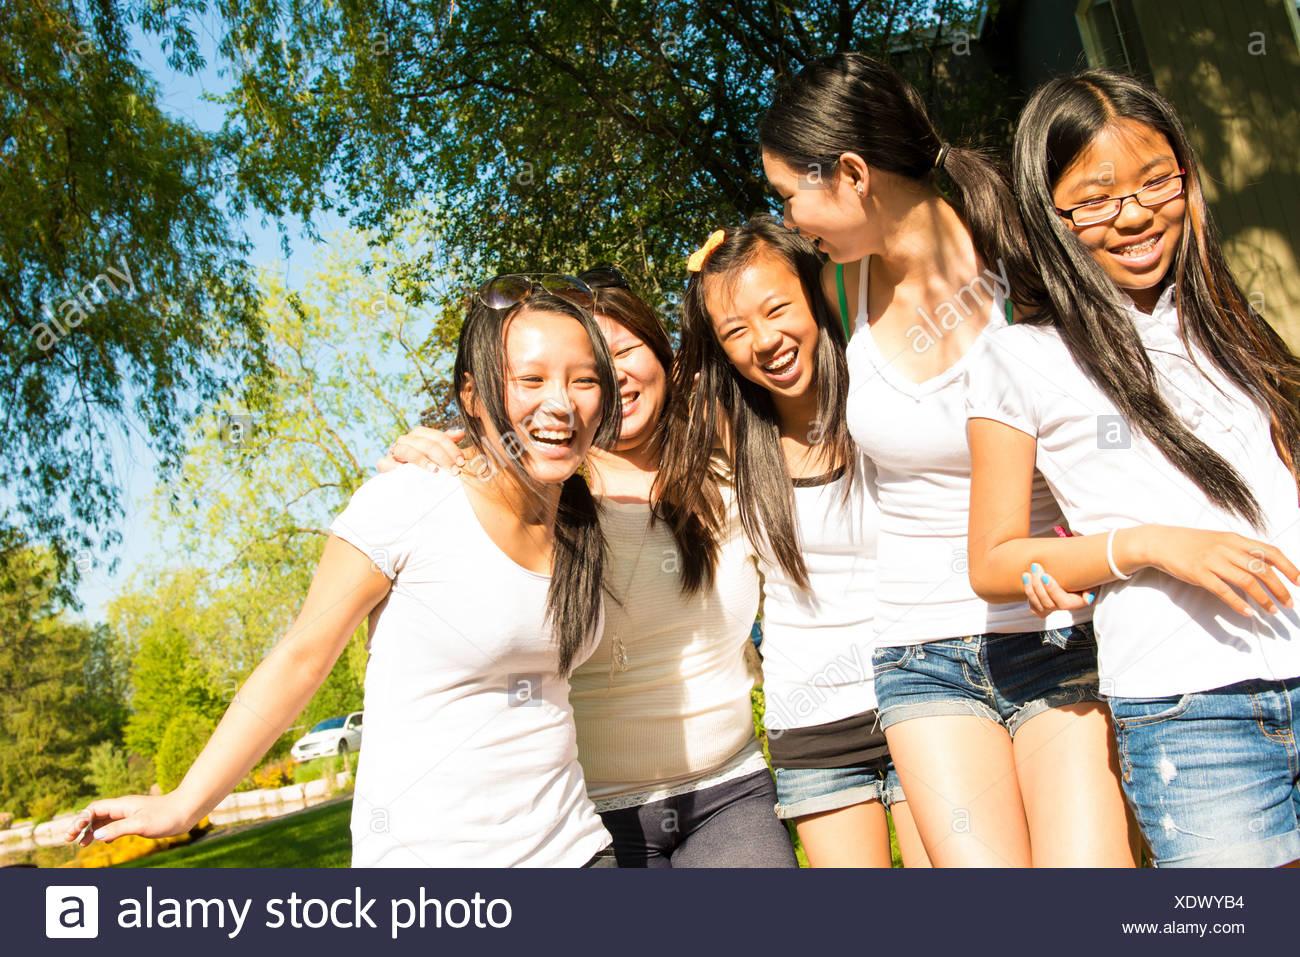 Five girls wearing white t-shirts laughing - Stock Image